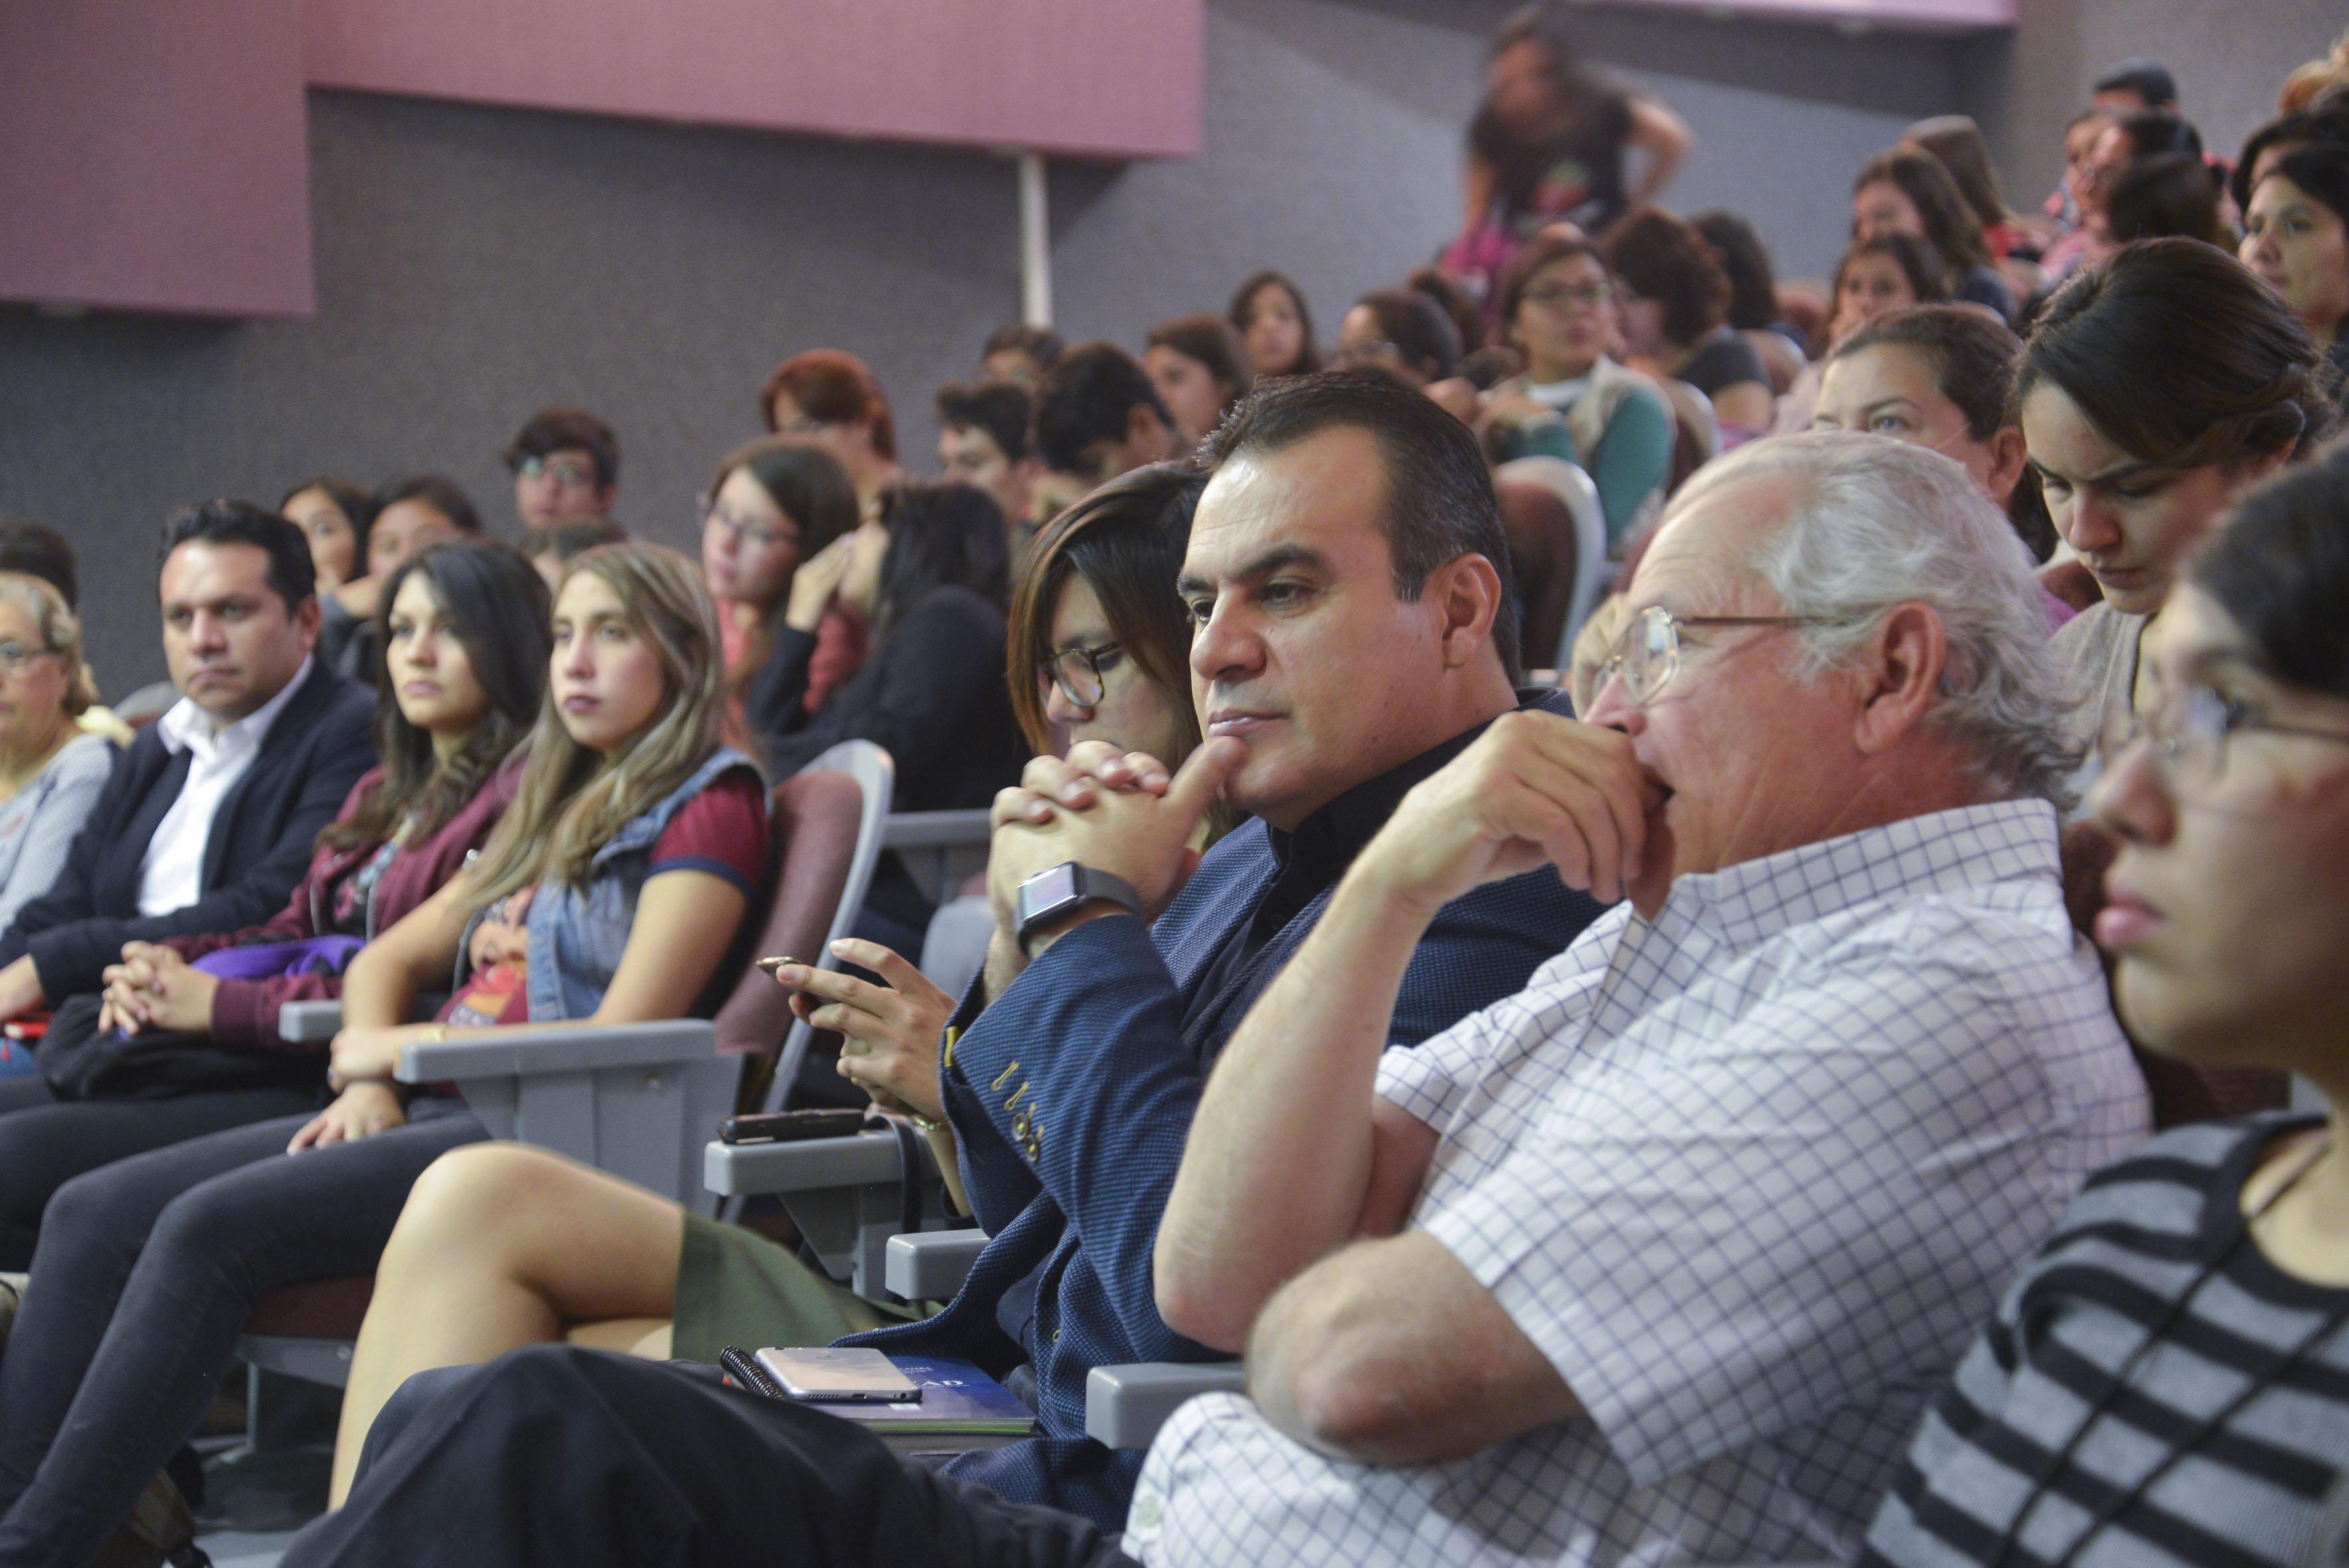 Directivos y académicos durante la conferencia